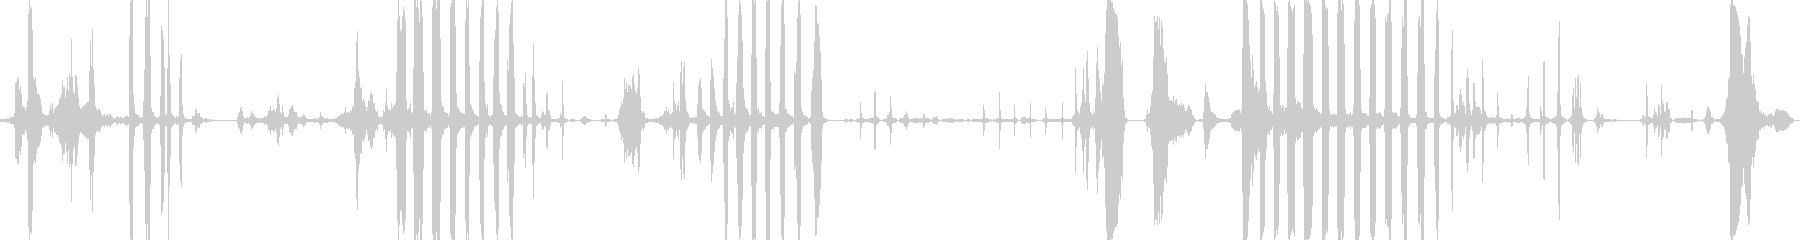 笑う子供たち-音楽なしの未再生の波形